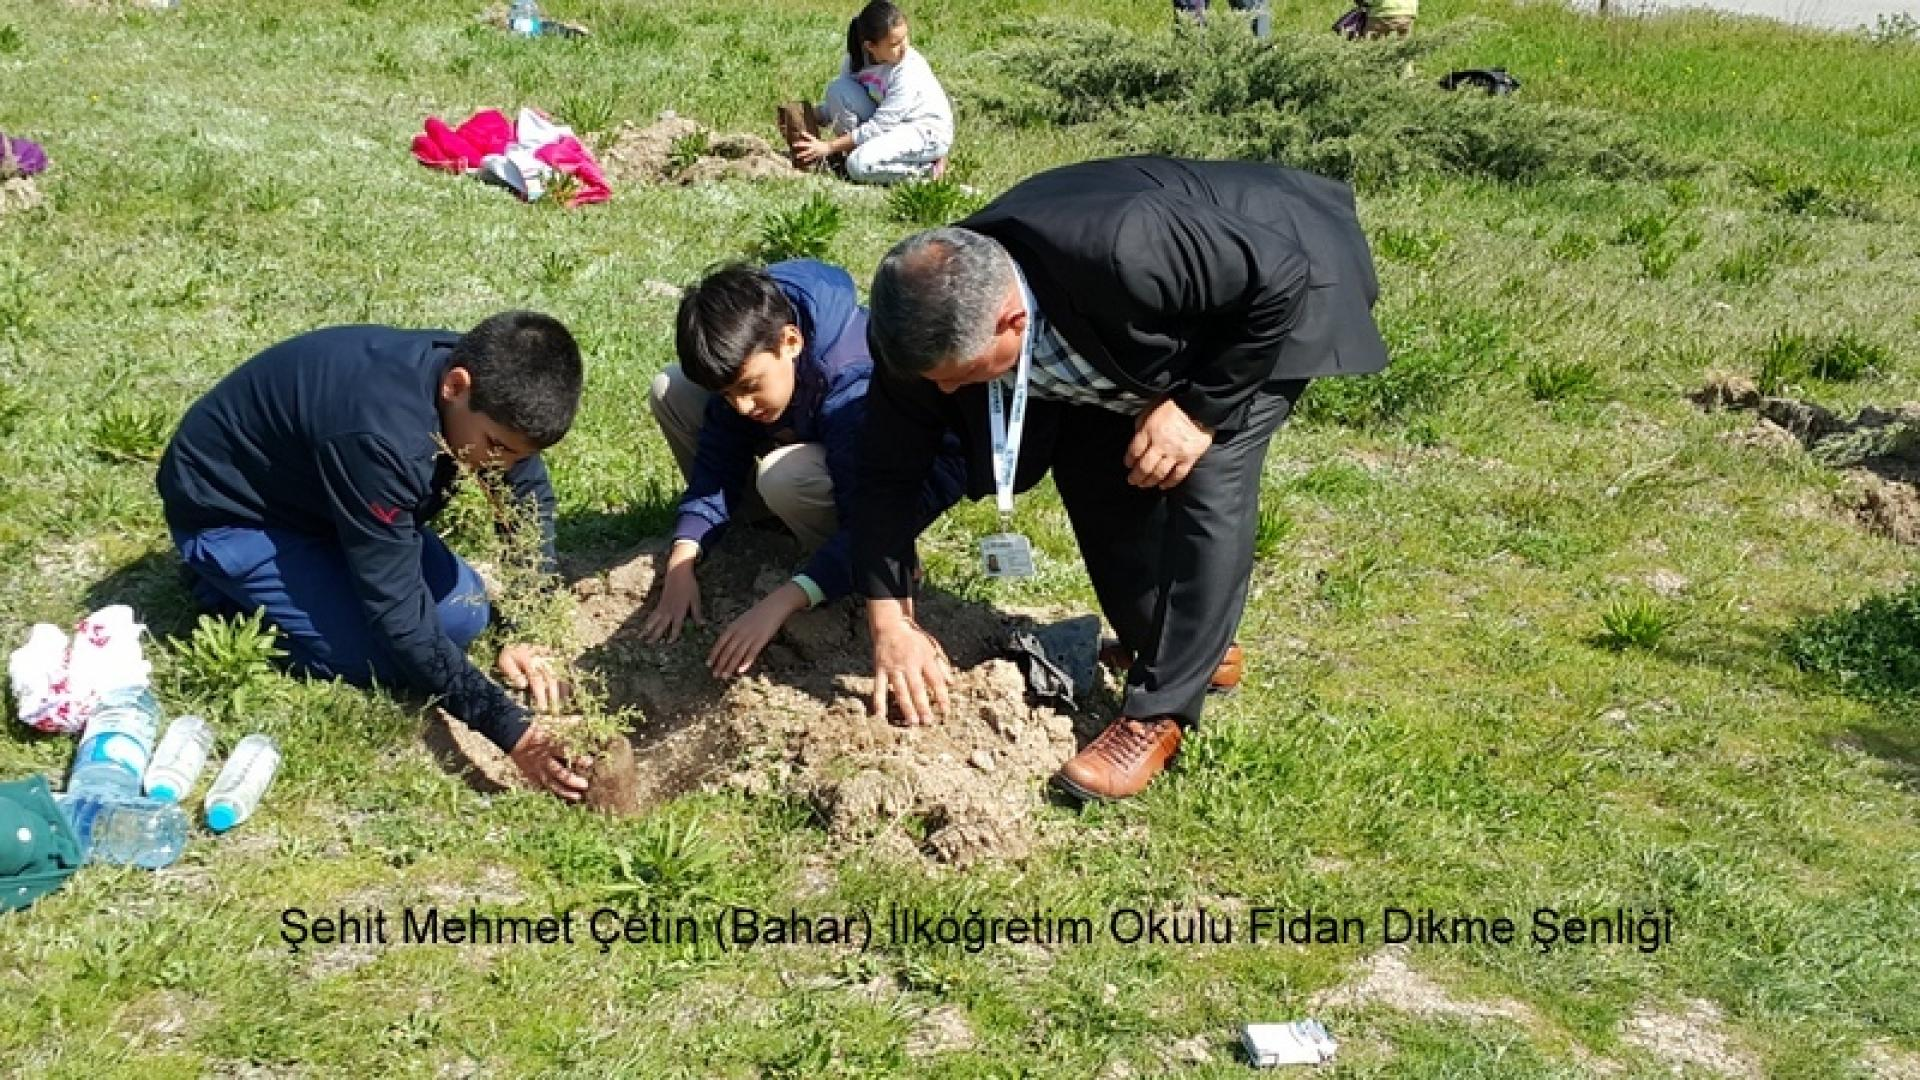 Şehit Mehmet Çetin İlkokulu Ağaç Dikme Şenliği 1523000129 1000